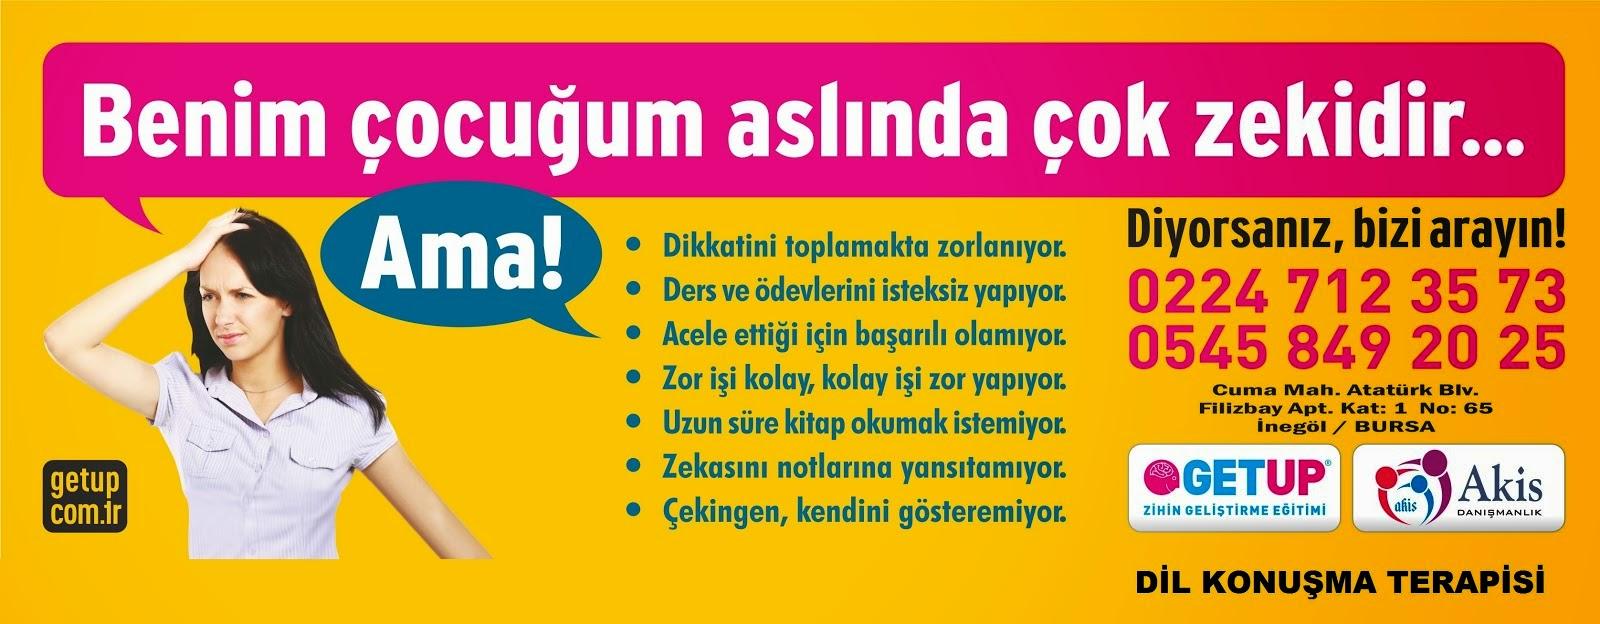 BURSA İNEGÖL'DE DİL KONUŞMA TERAPİSİ